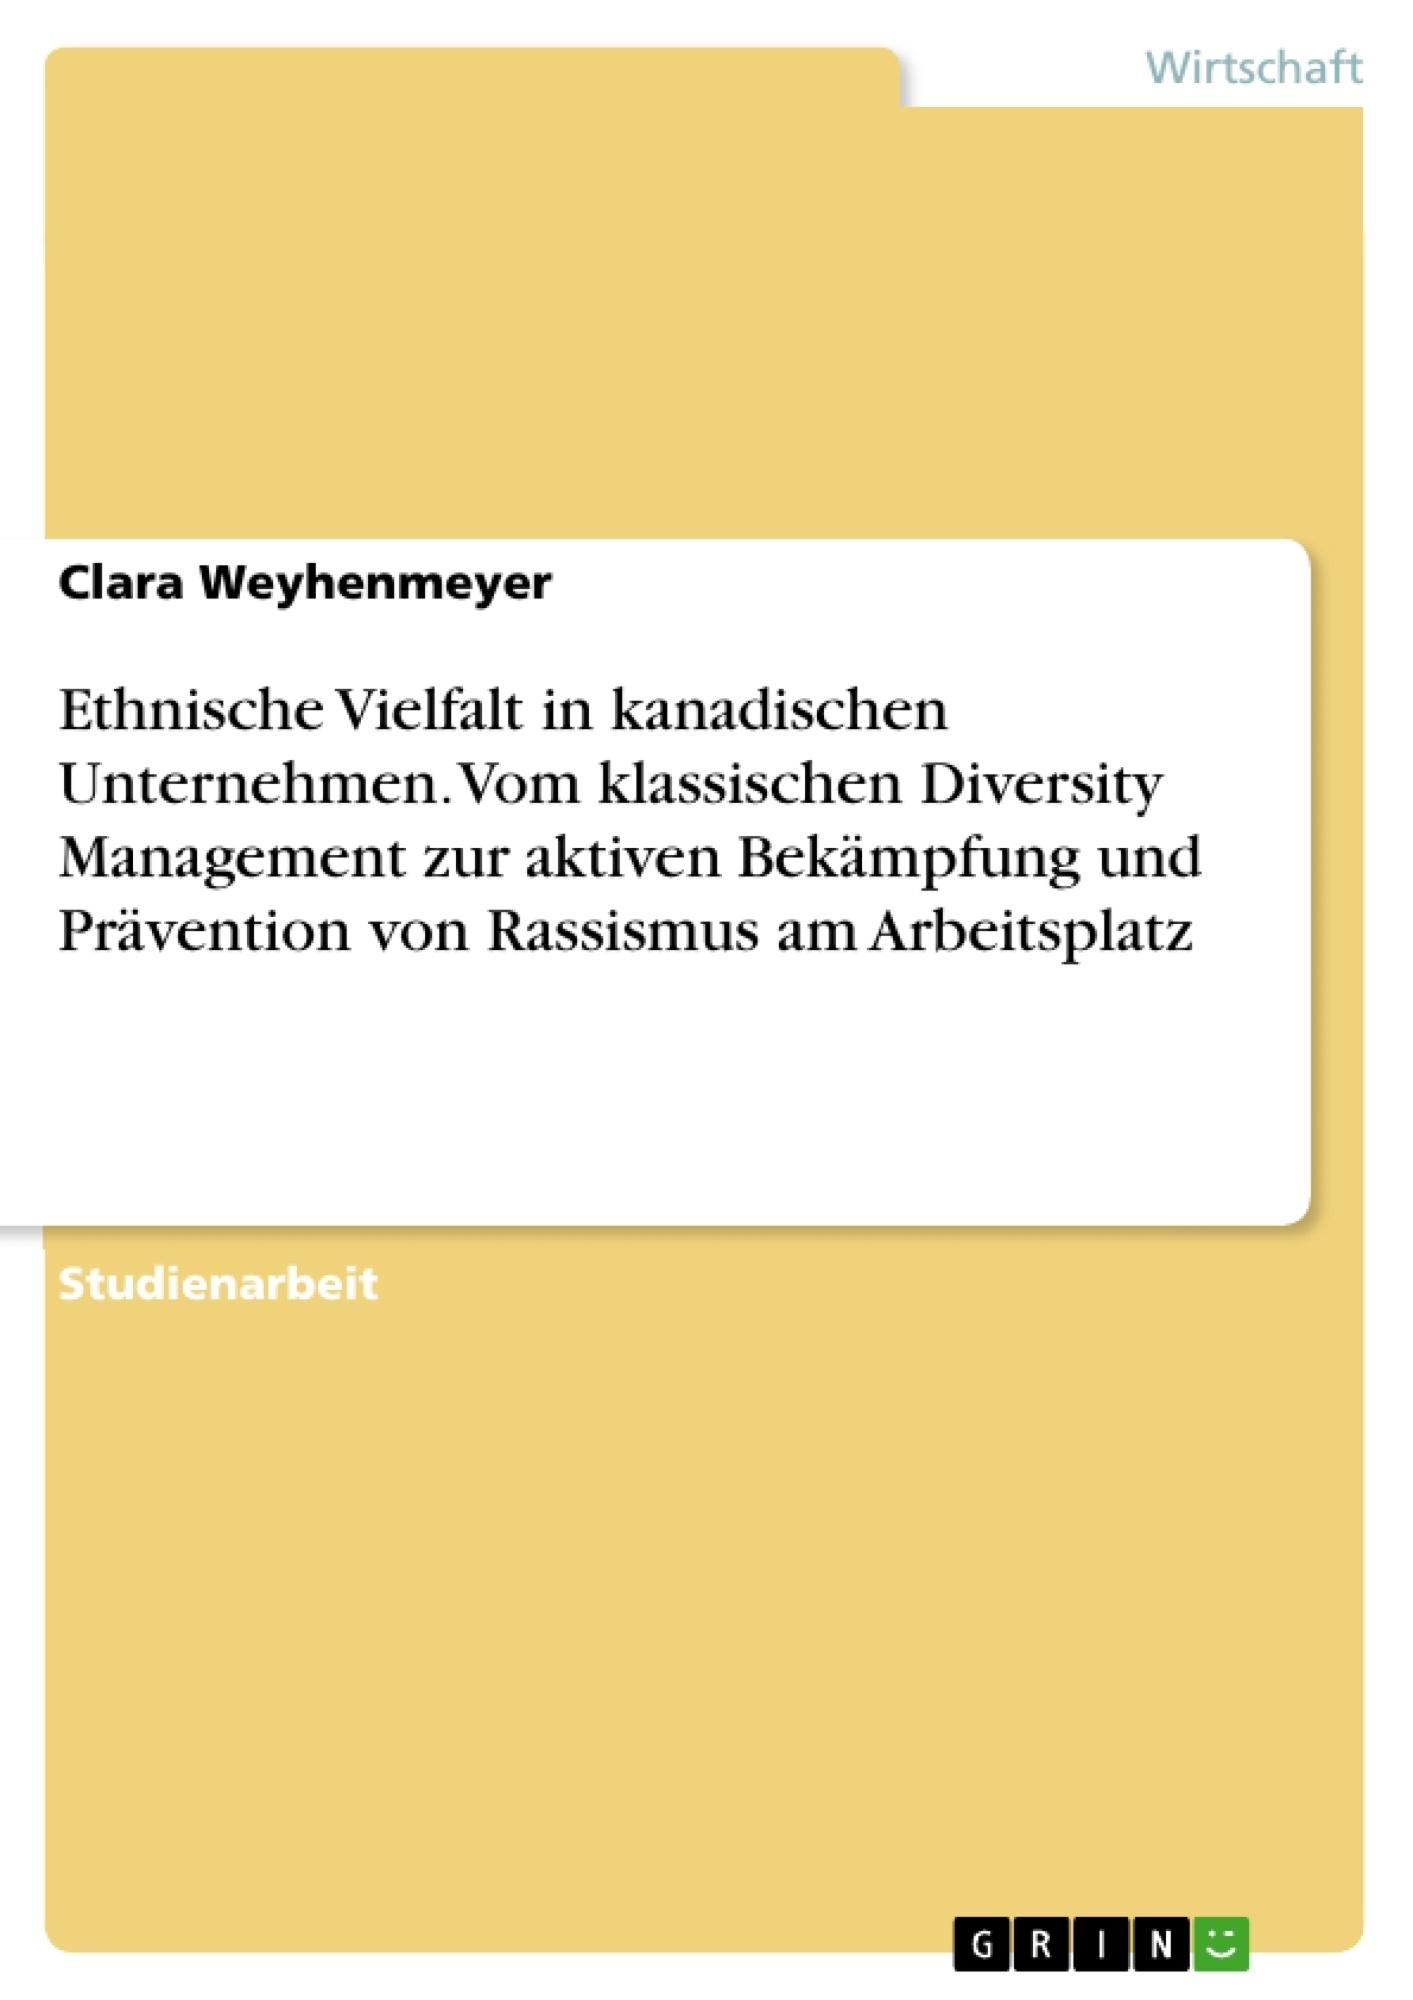 Titel: Ethnische Vielfalt in kanadischen Unternehmen. Vom klassischen Diversity Management zur aktiven Bekämpfung und Prävention von Rassismus am Arbeitsplatz